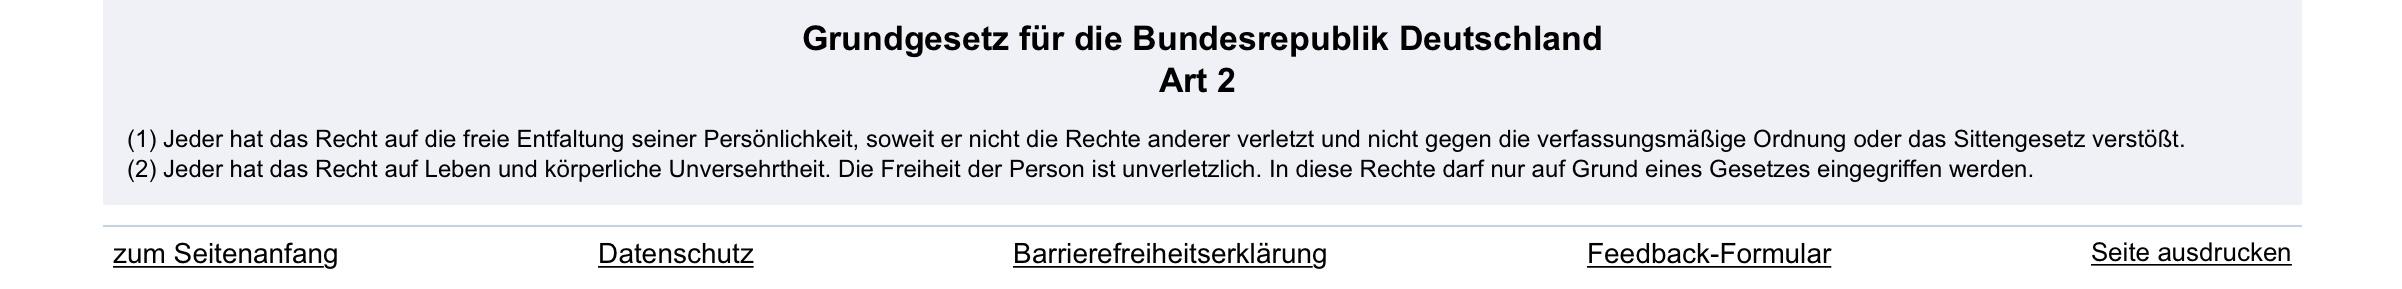 Grundgesetz der Bundesrepublik Deutschland. Artikel 2. Das Recht zu leben in Freedom, Freiheit und Verantwortung.